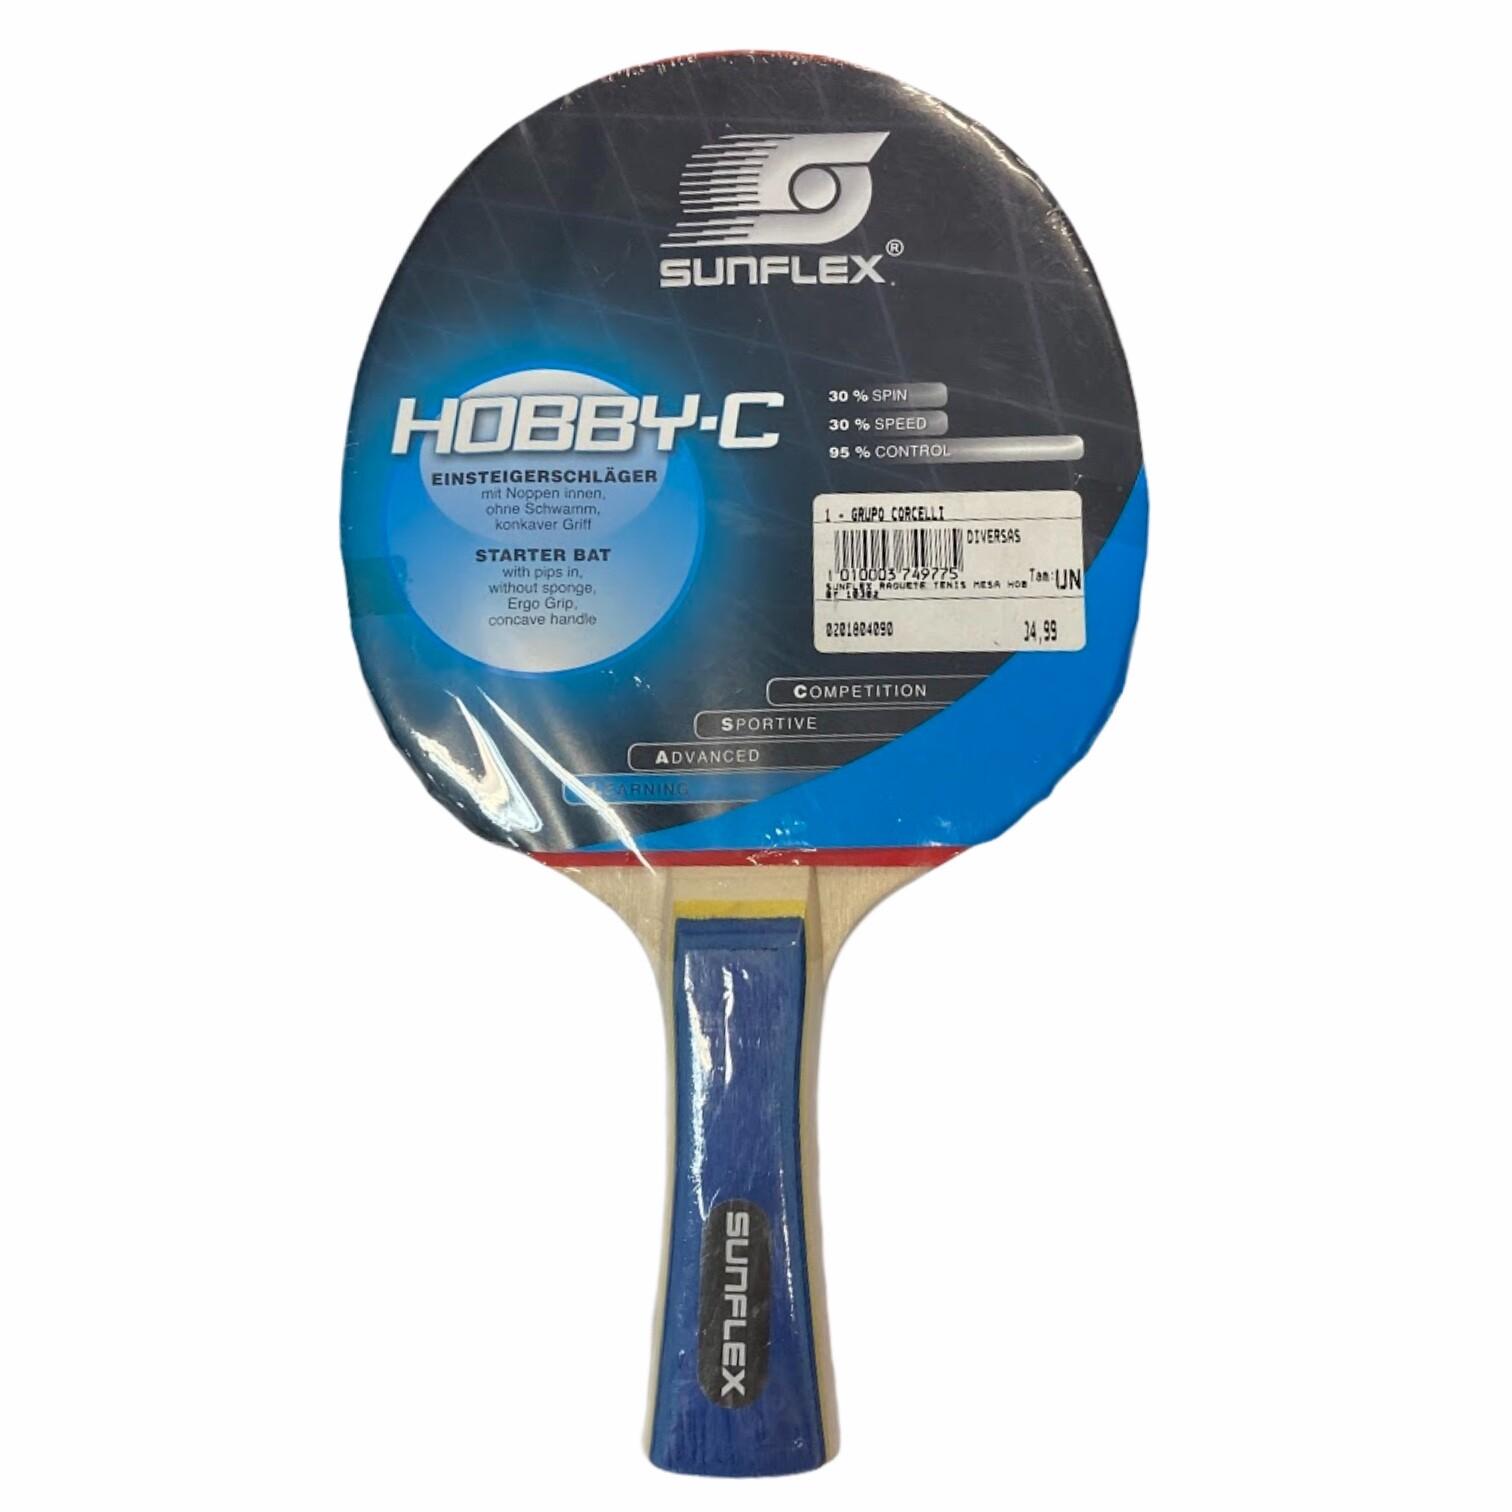 Raquete de tênis de mesa Sunflex Hobby